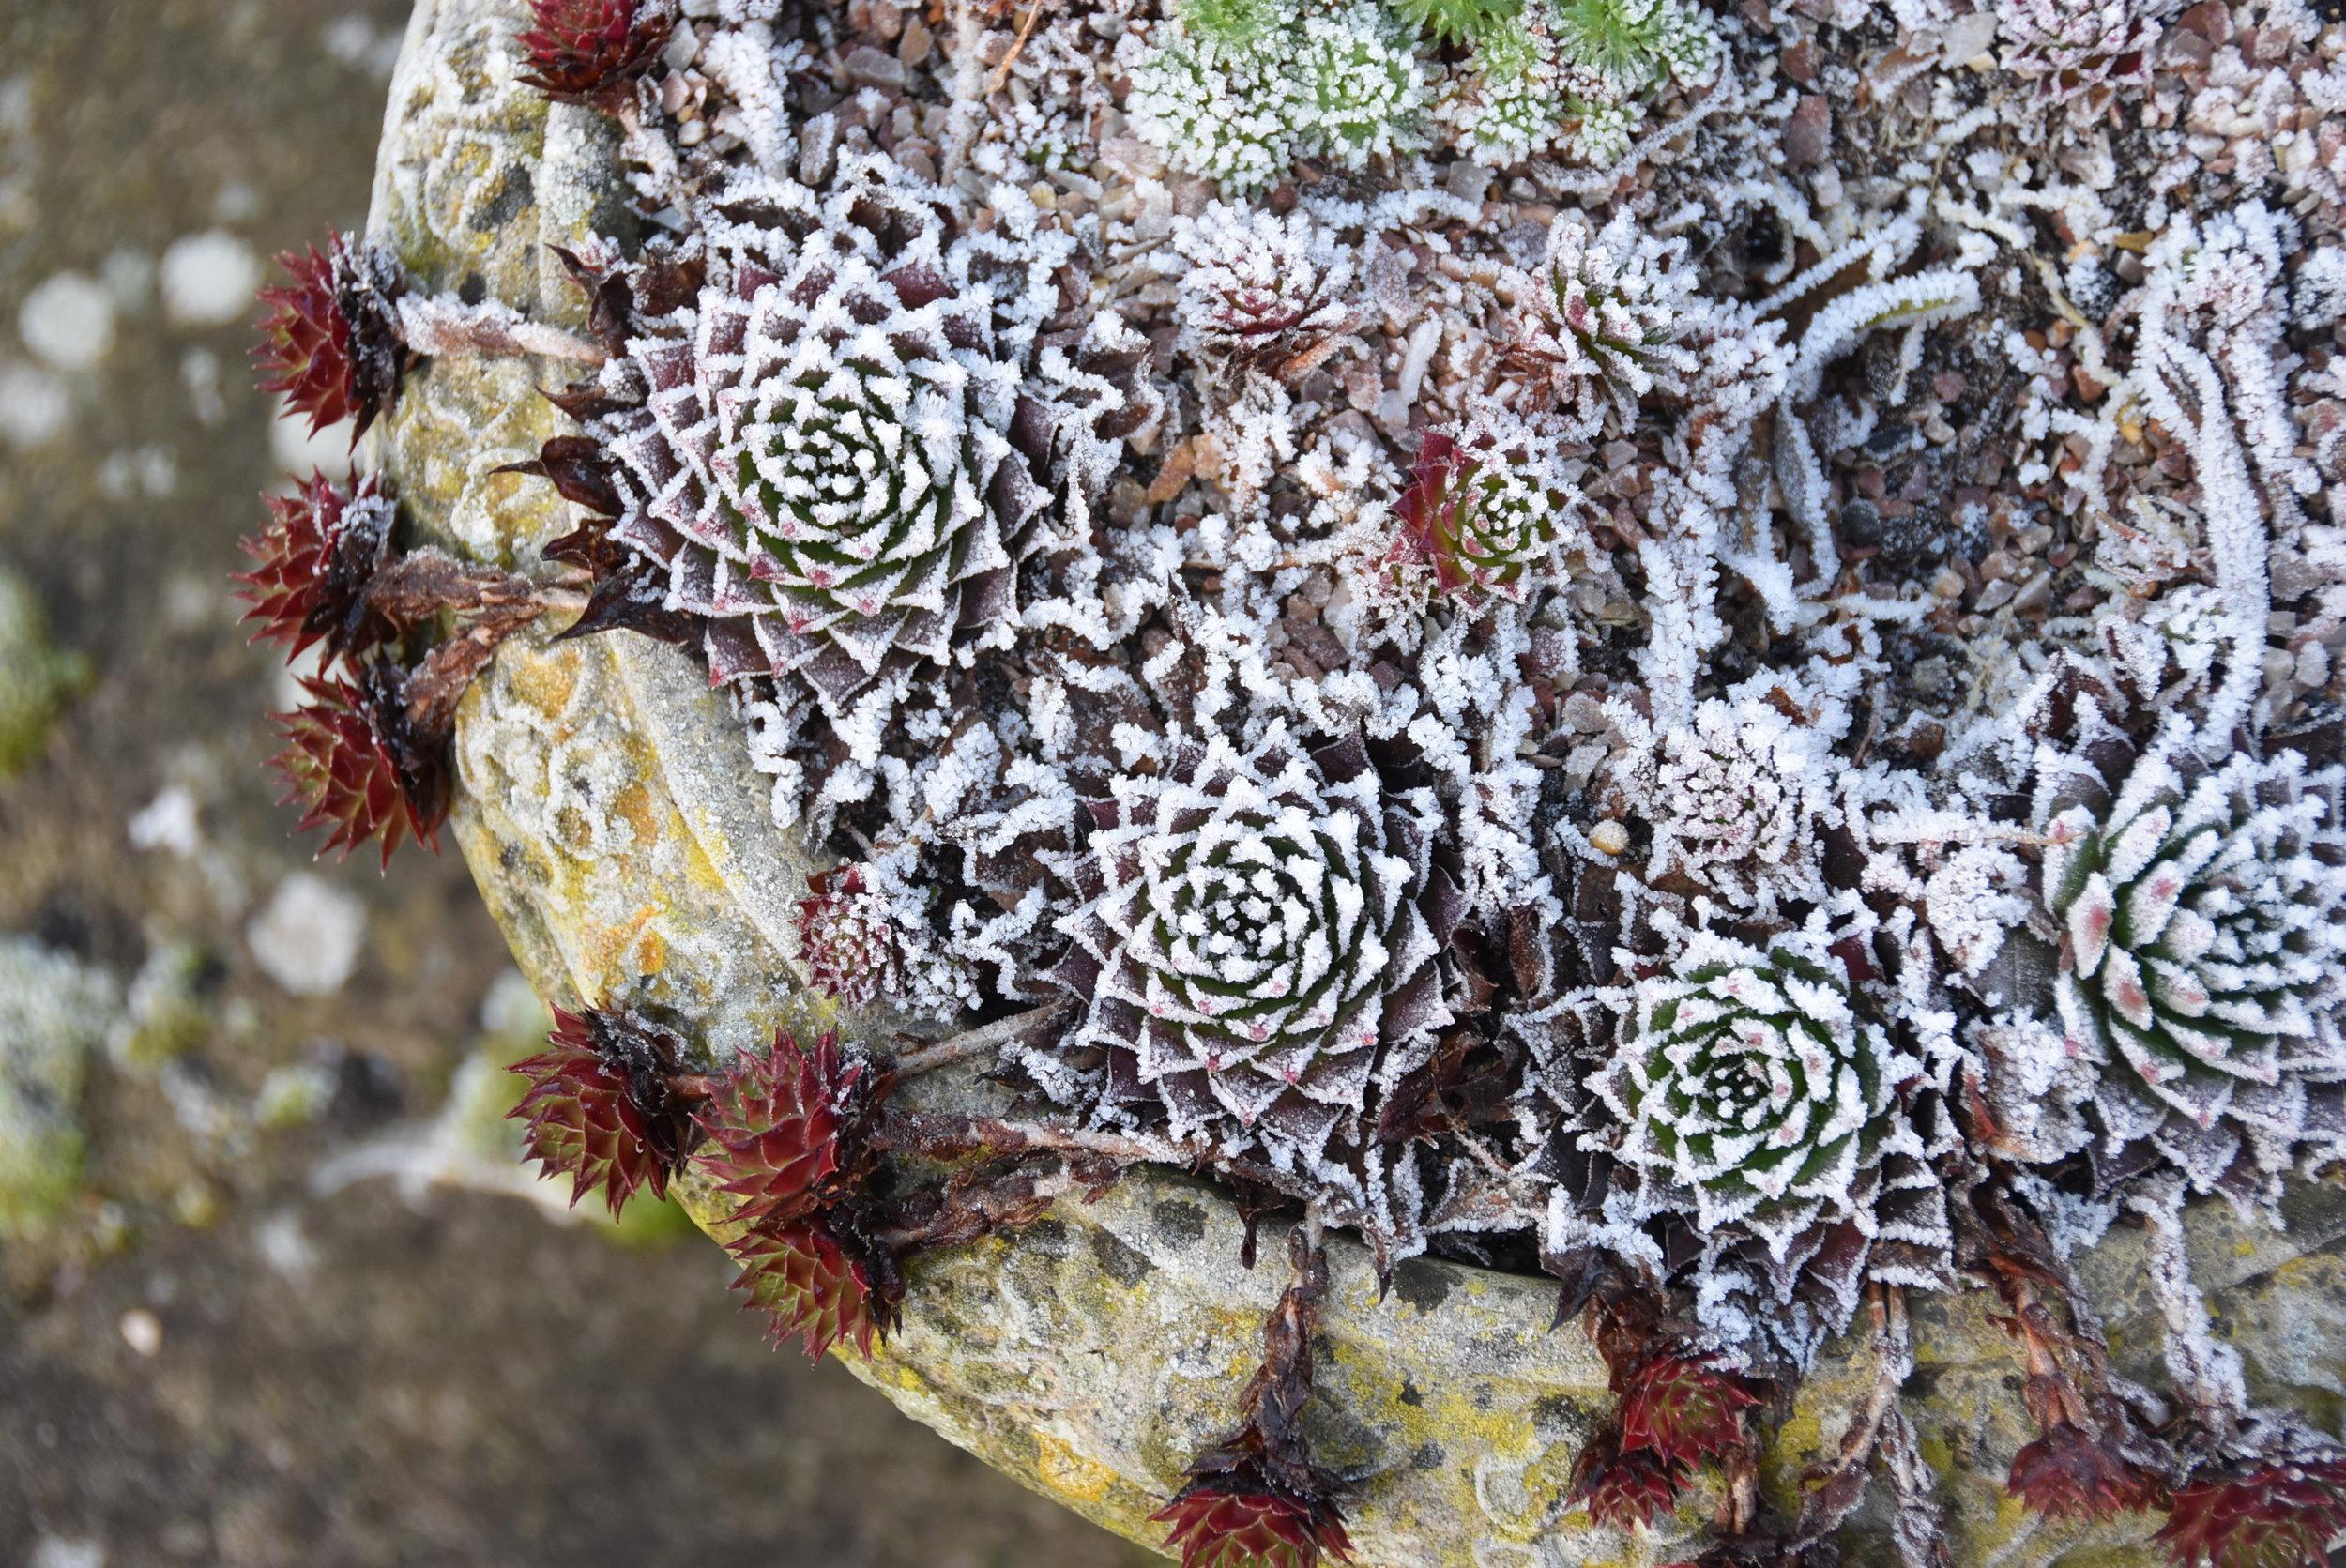 Alpine plants in frost